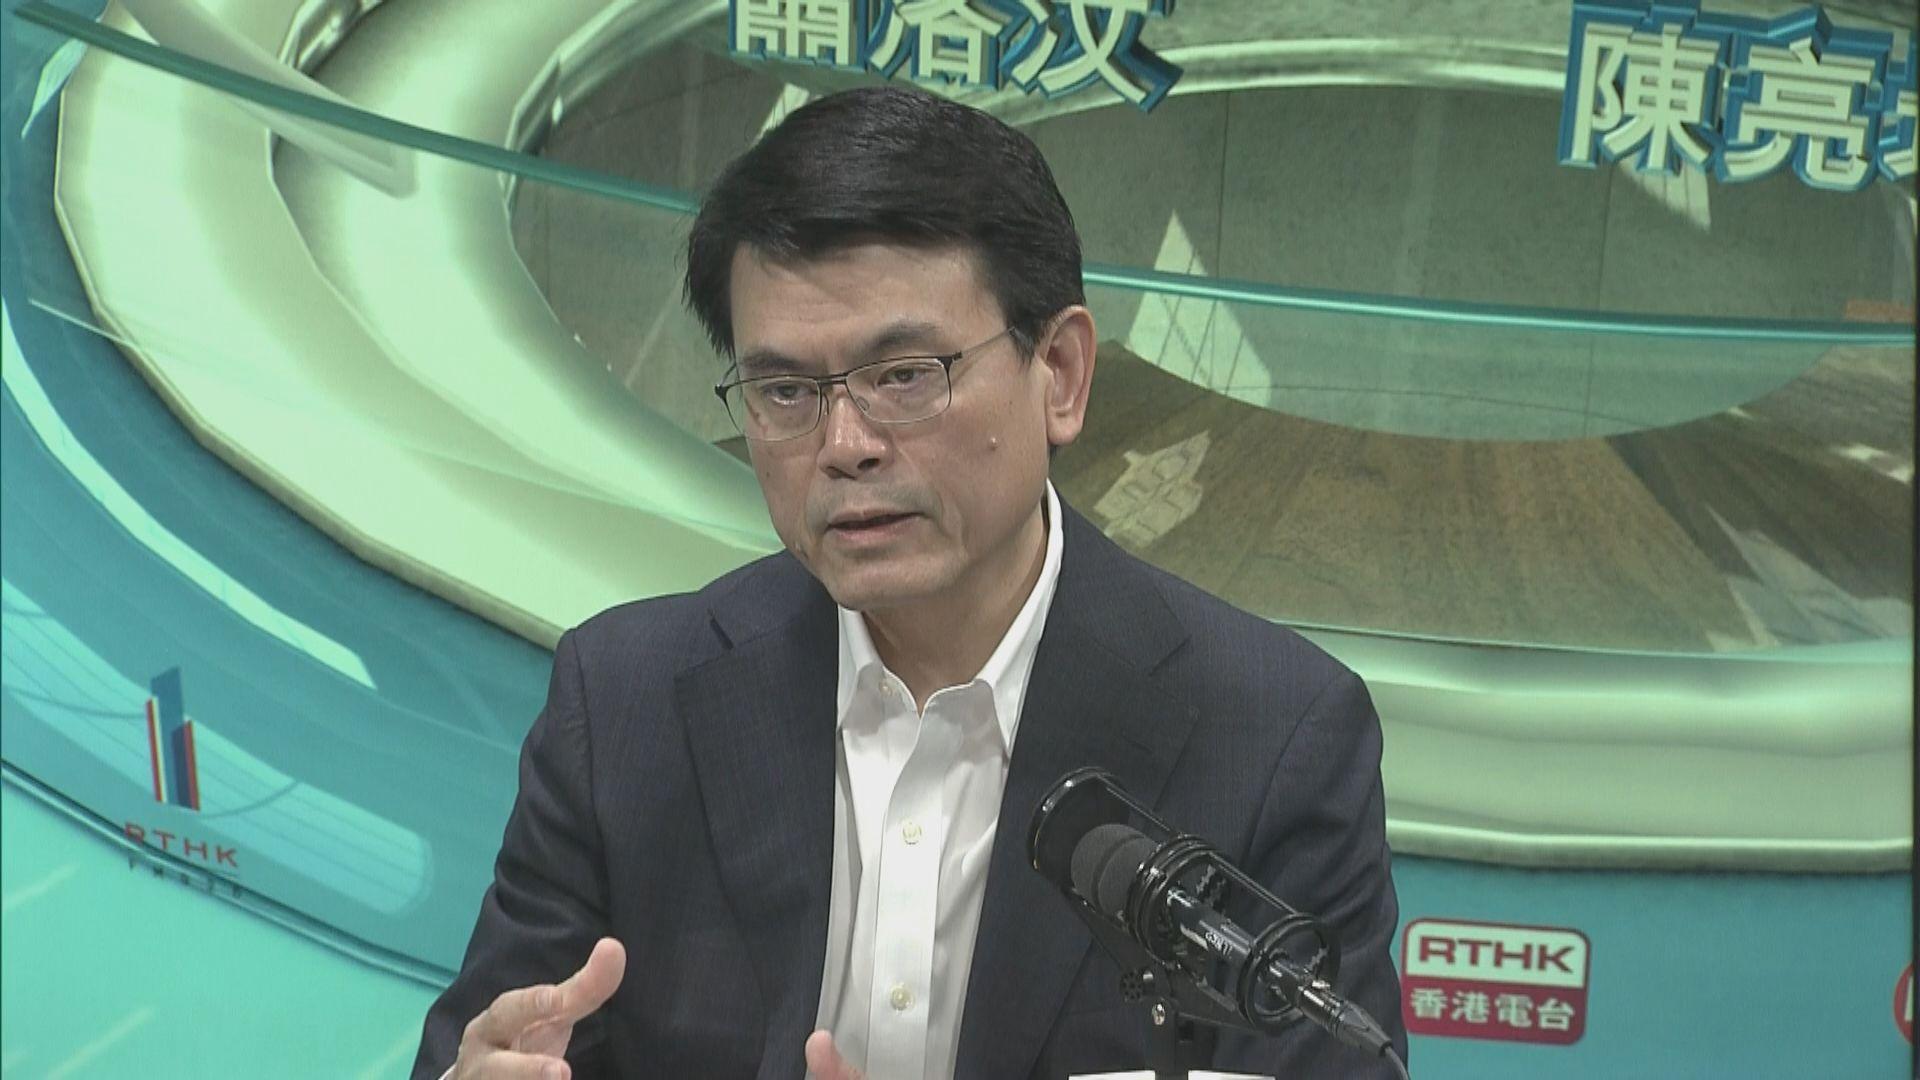 邱騰華:香港在貿易事務上是自主處理